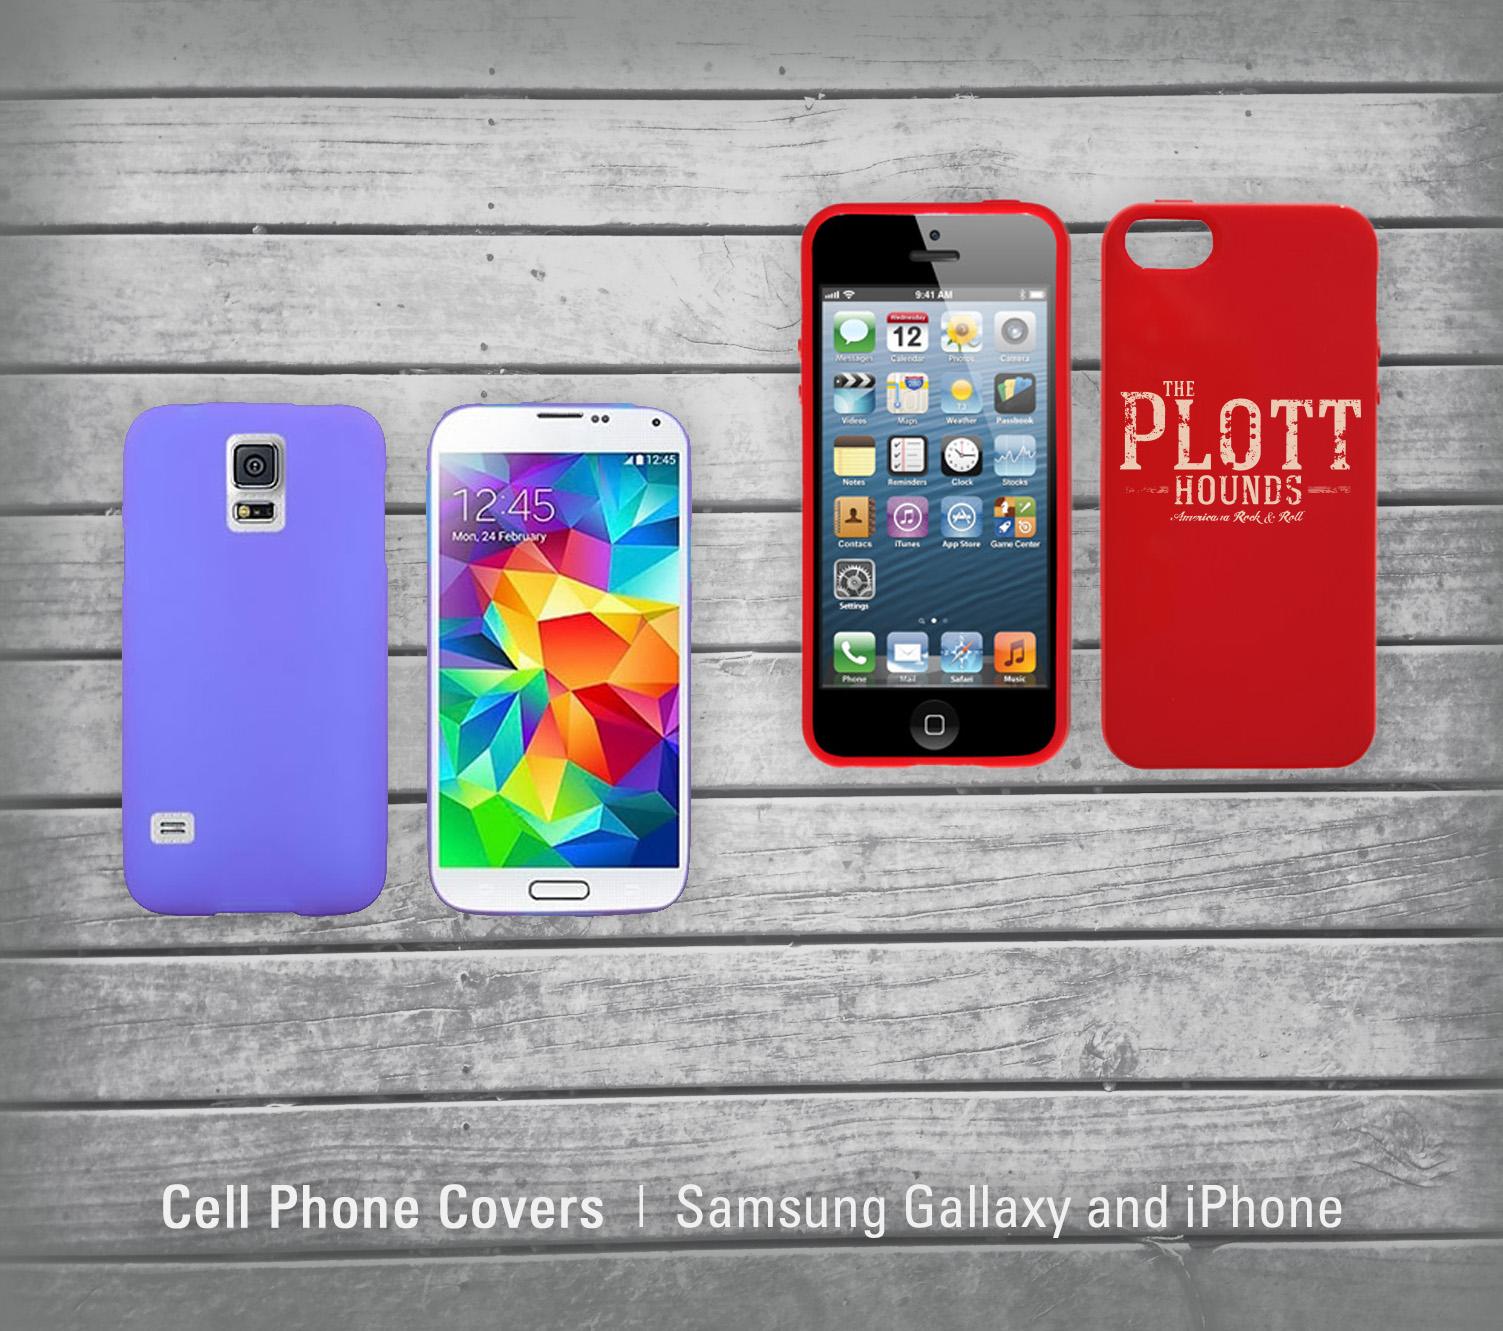 CellPhoneCovers.jpg